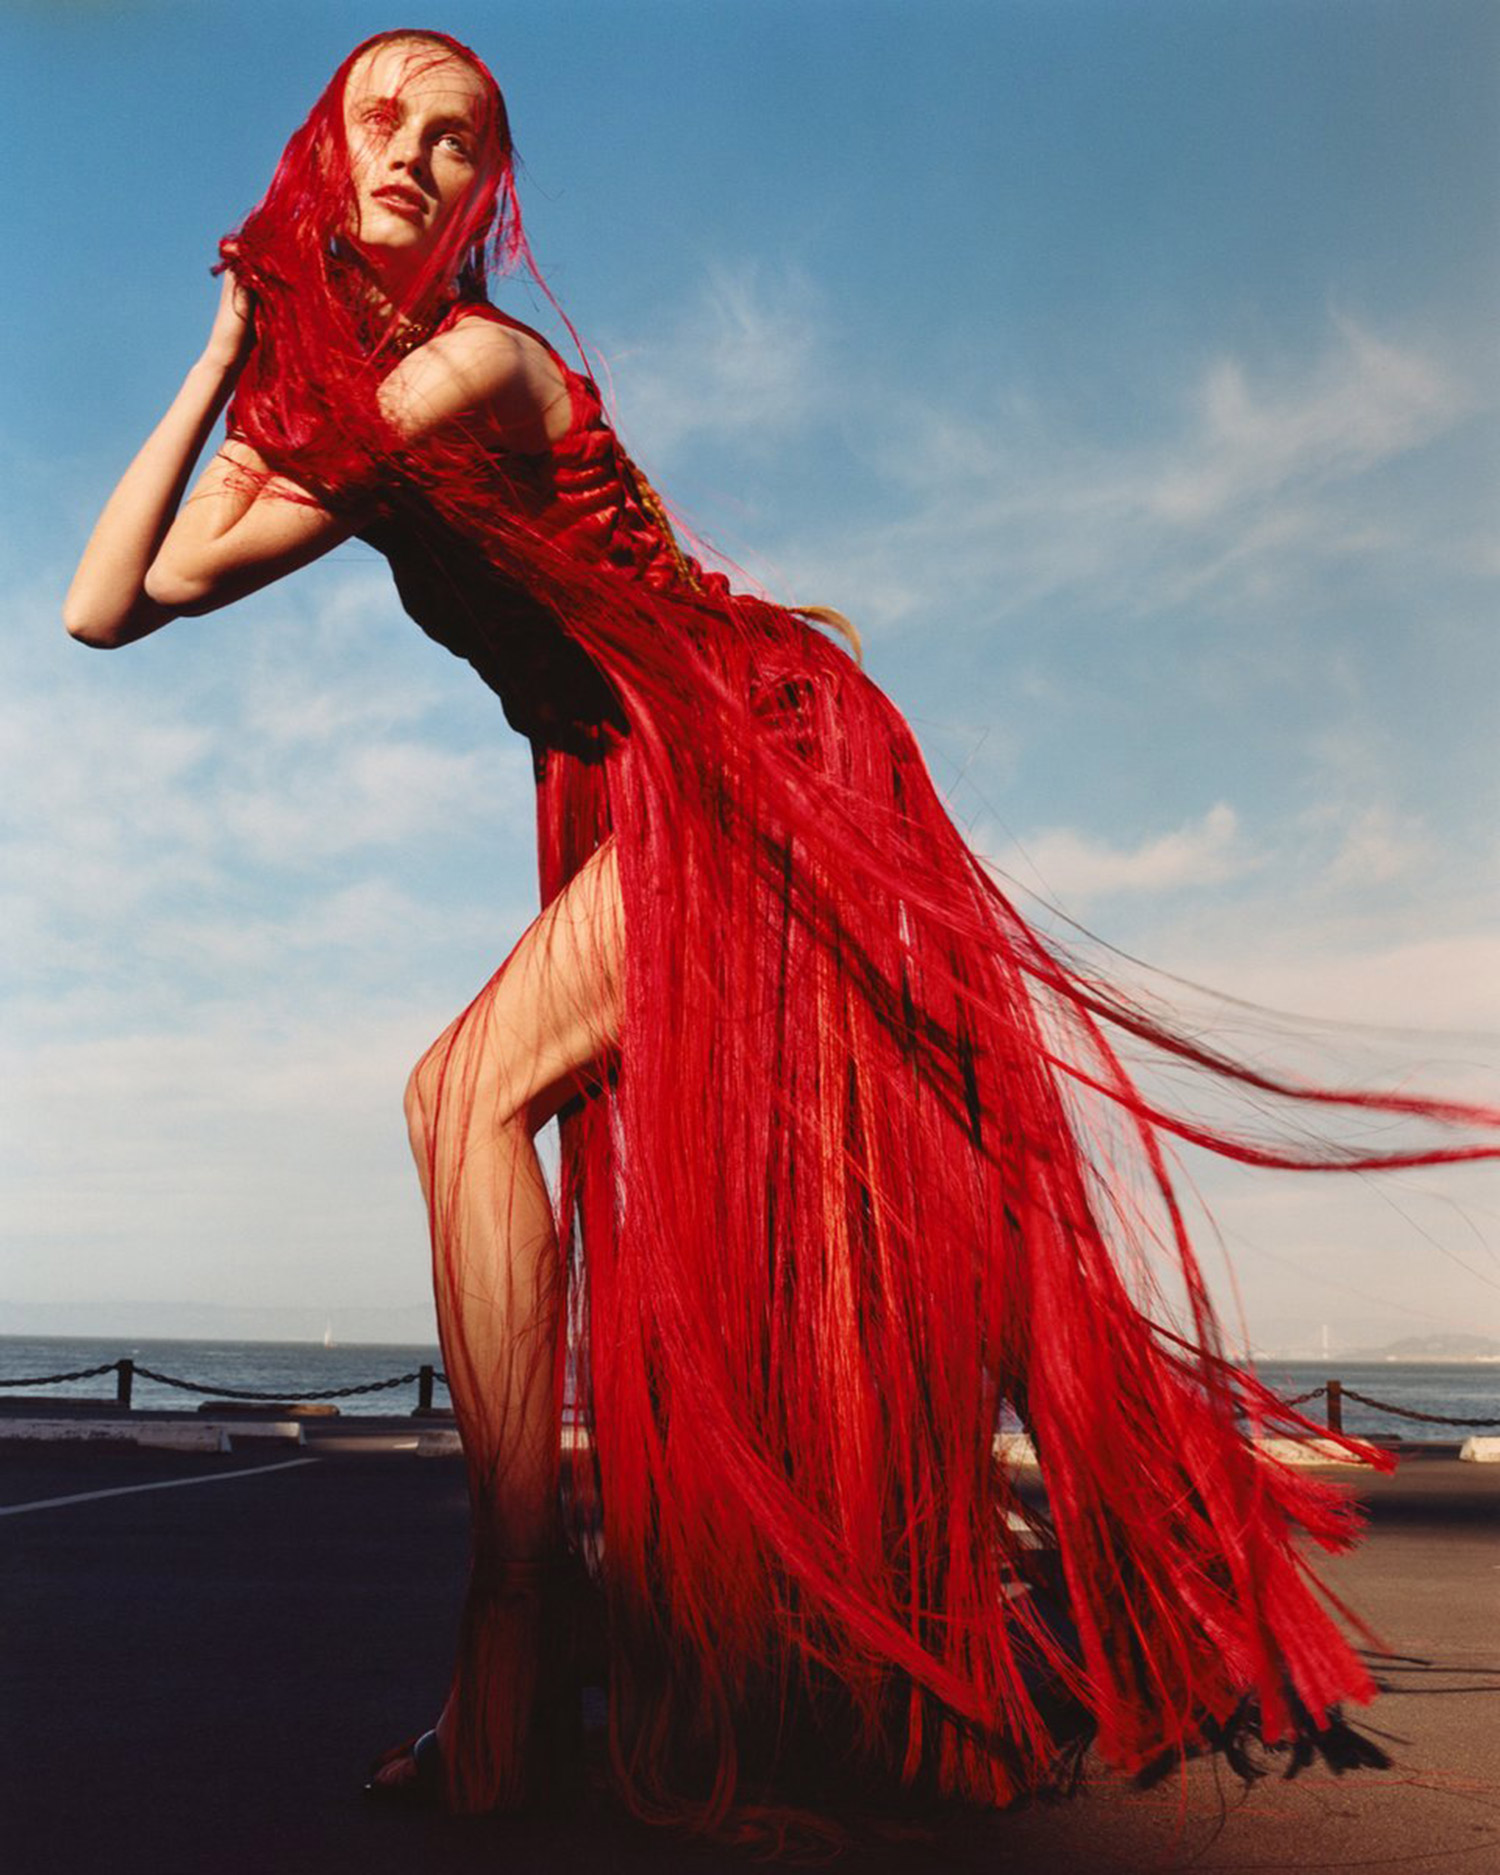 thời trang cung hoàng đạo: các thương hiệu đại diện cho phong cách của bạn 19